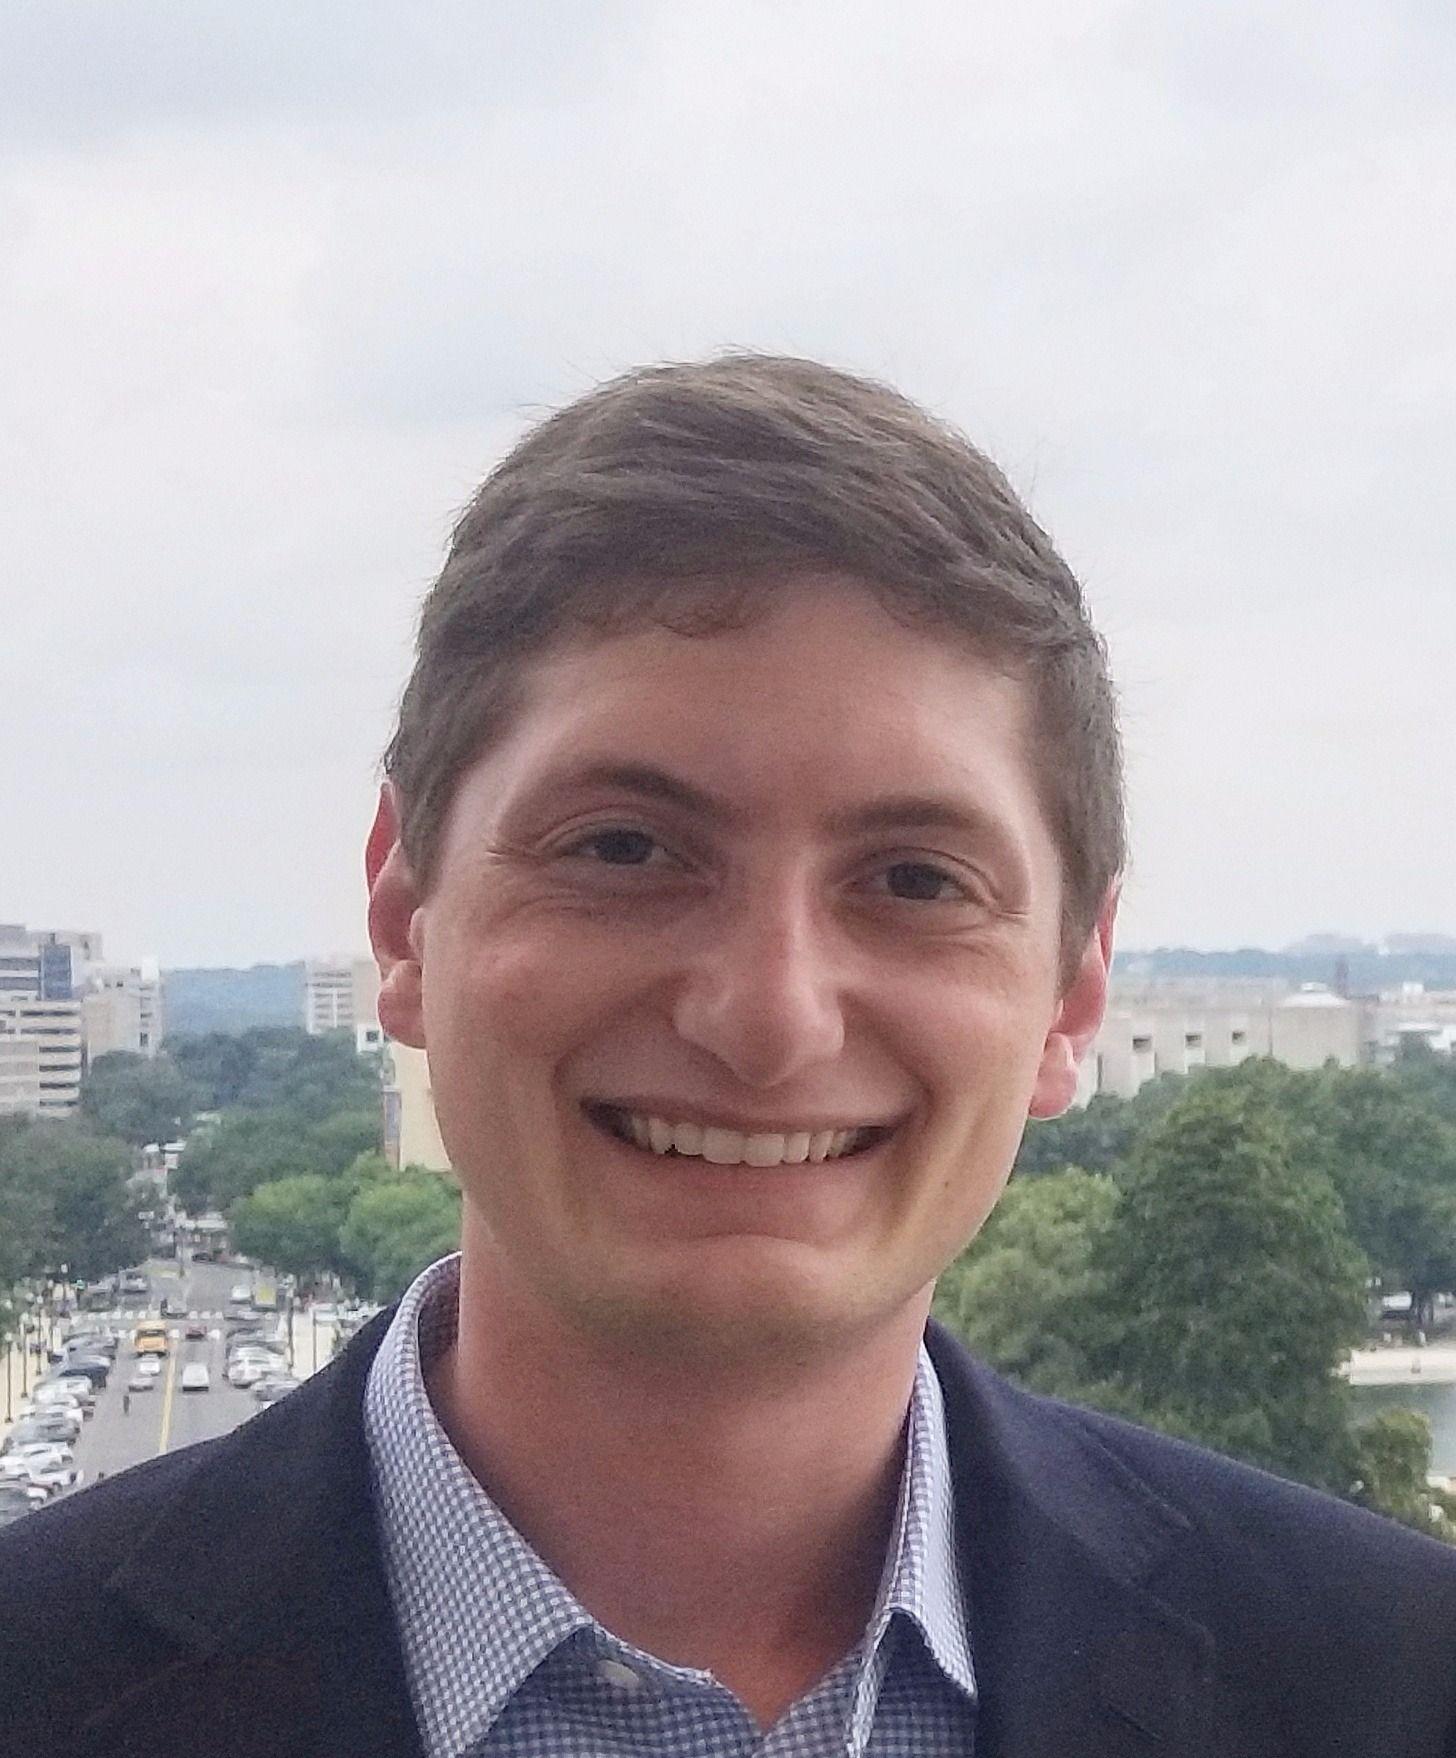 Matt Renetzky